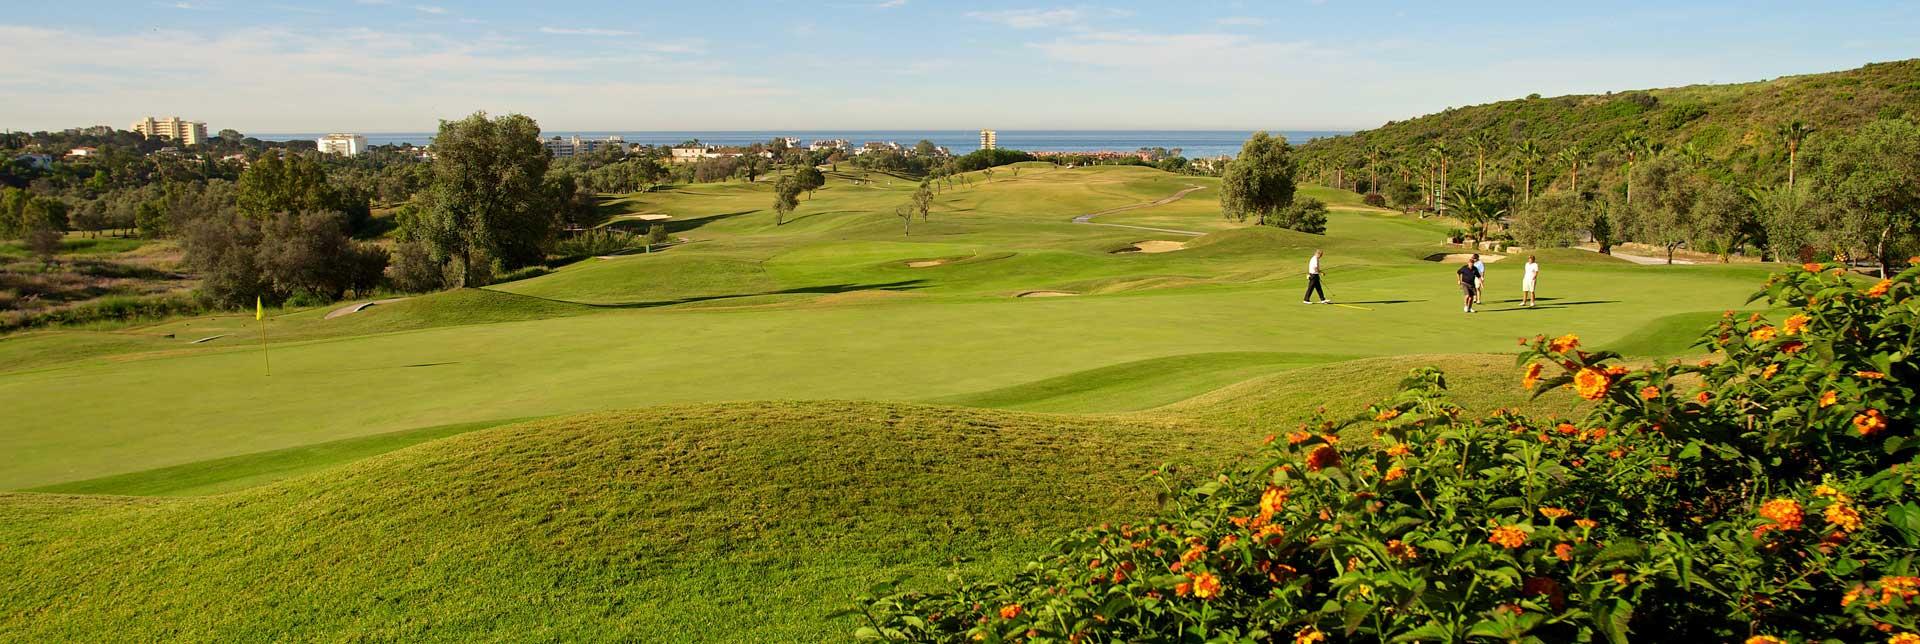 Golfspain Tours